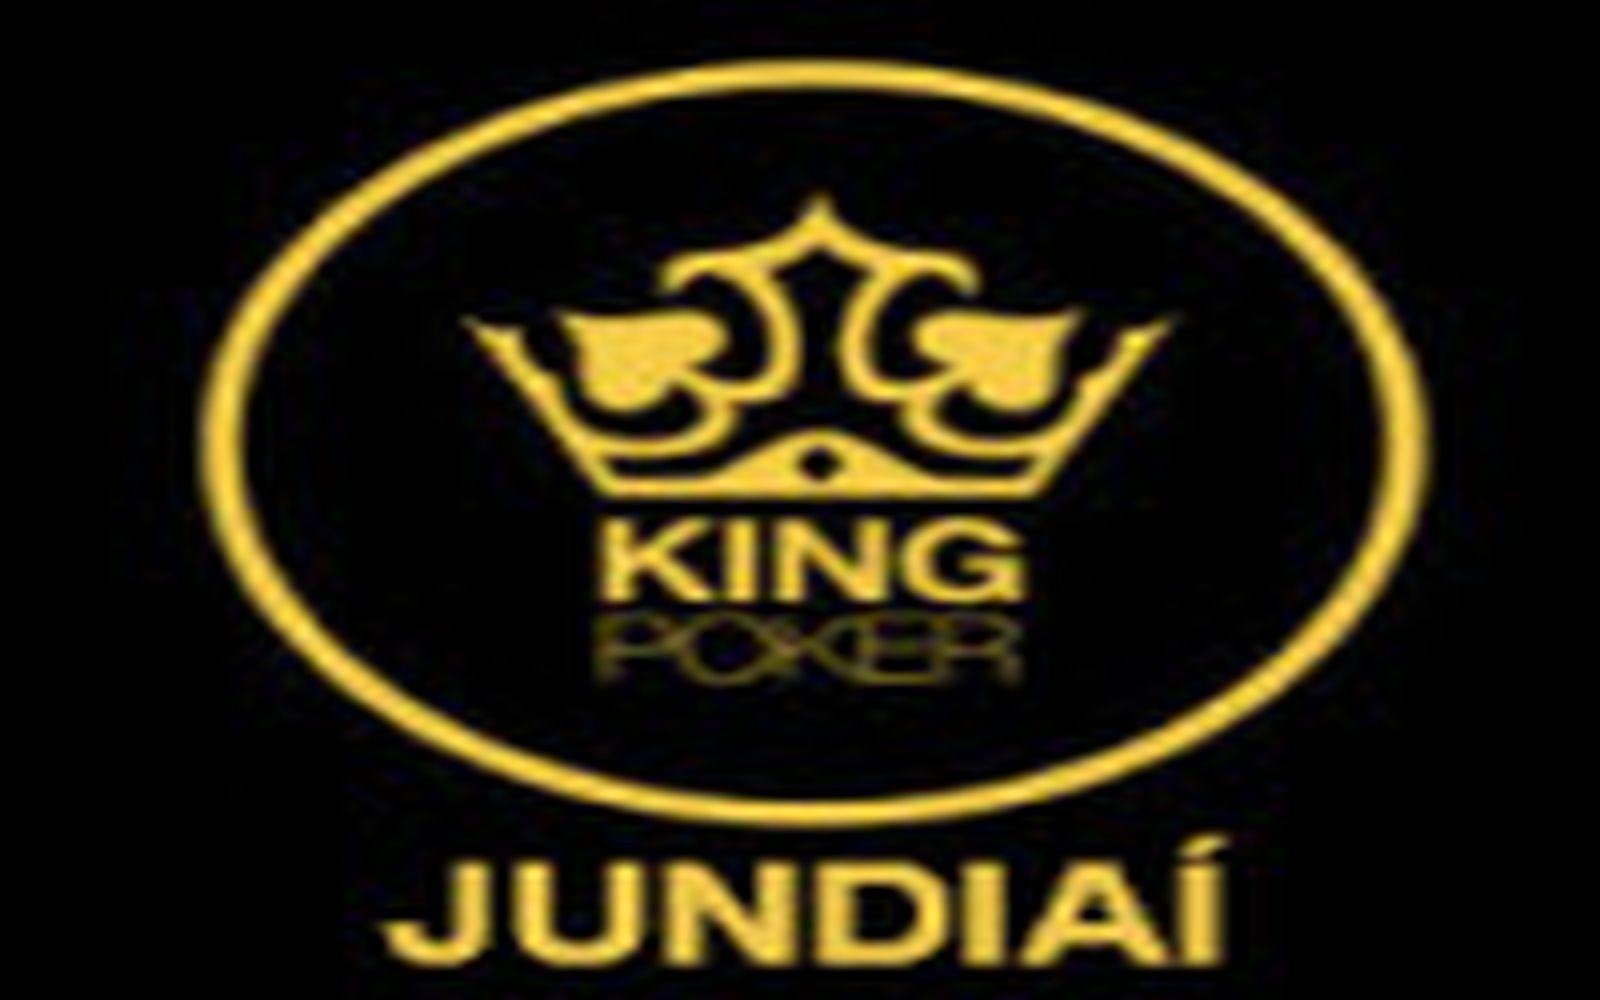 King Poker Jundiaí